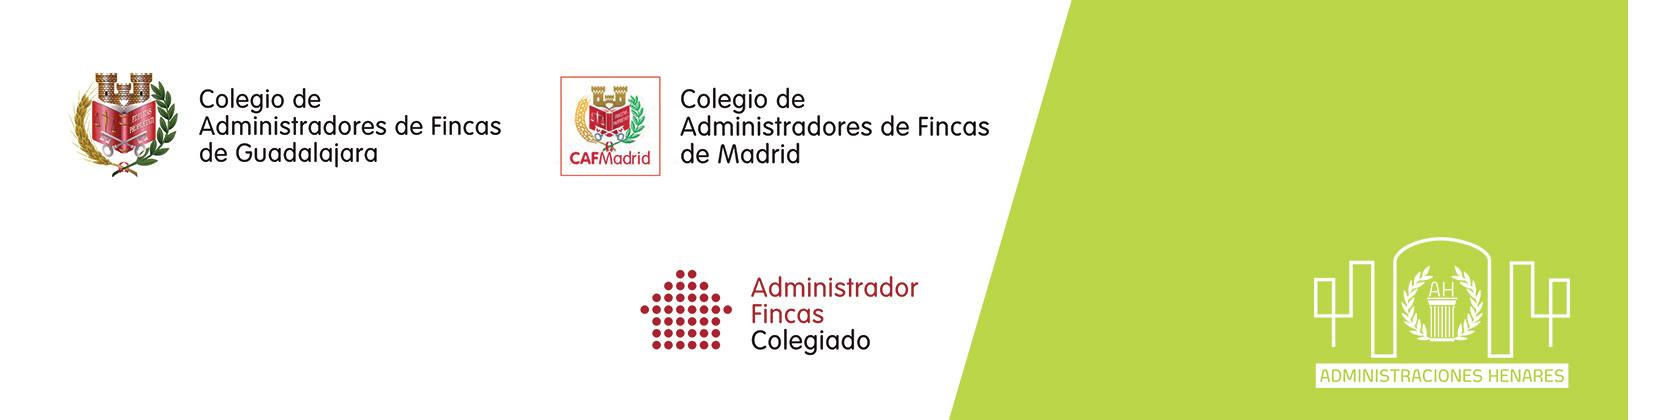 administracion_de_fincas_guadalajara_alcala_madrid